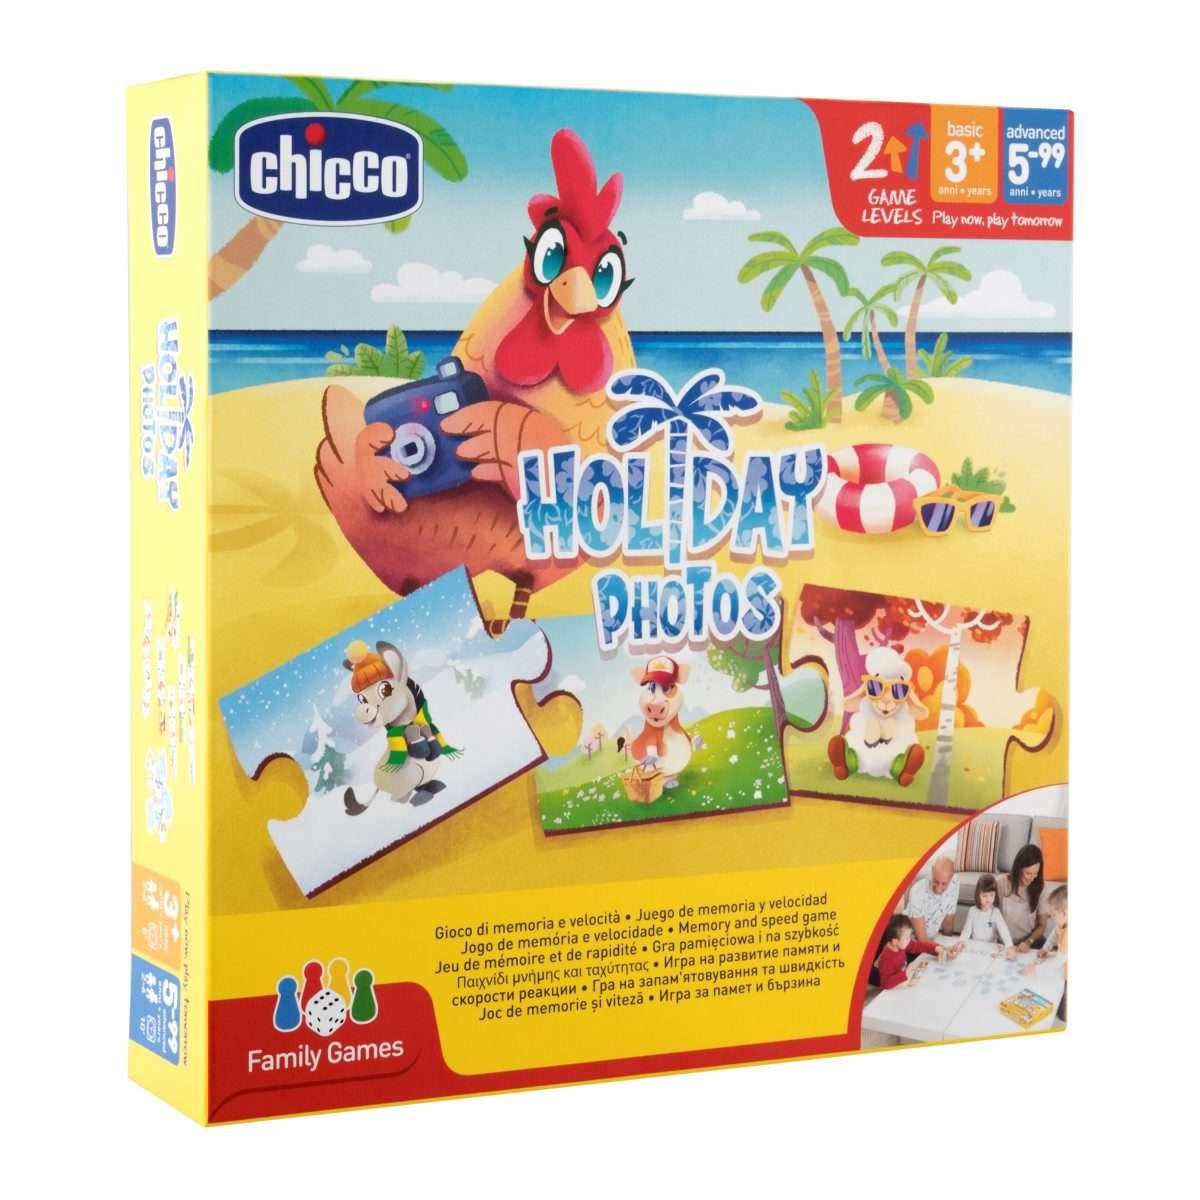 Настольная игра Holiday Photos Игрушки Chicco.ru 05889ba94ed